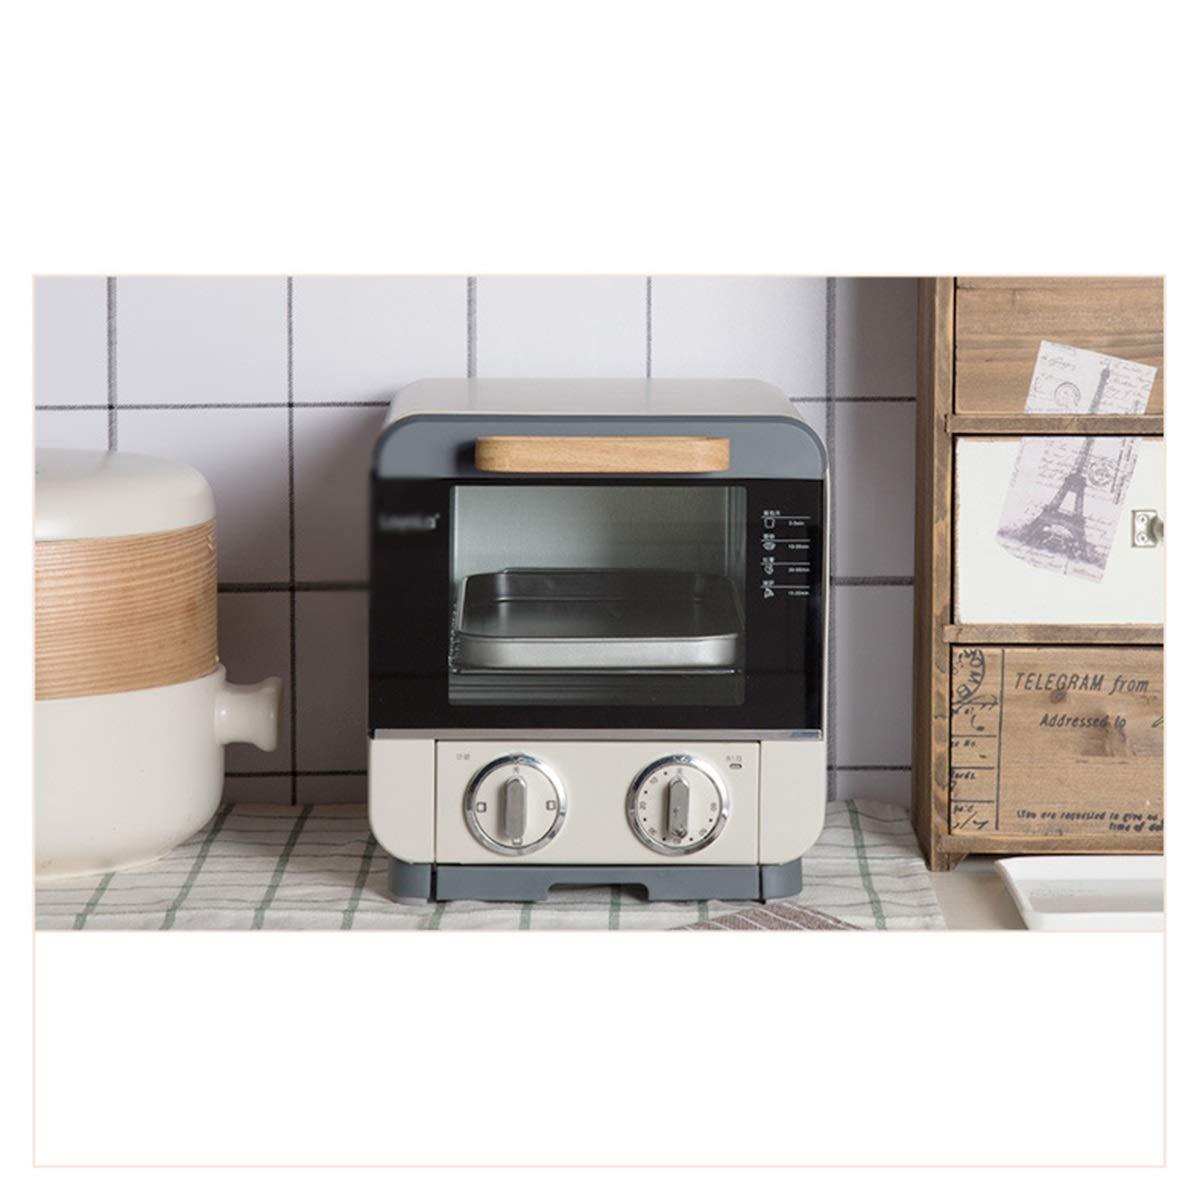 HARDY-YI ミニオーブン - オーブン家庭用ベーキングオーブン多機能オーブンフルオートミニトースター小型オーブン   B07QNFV53R